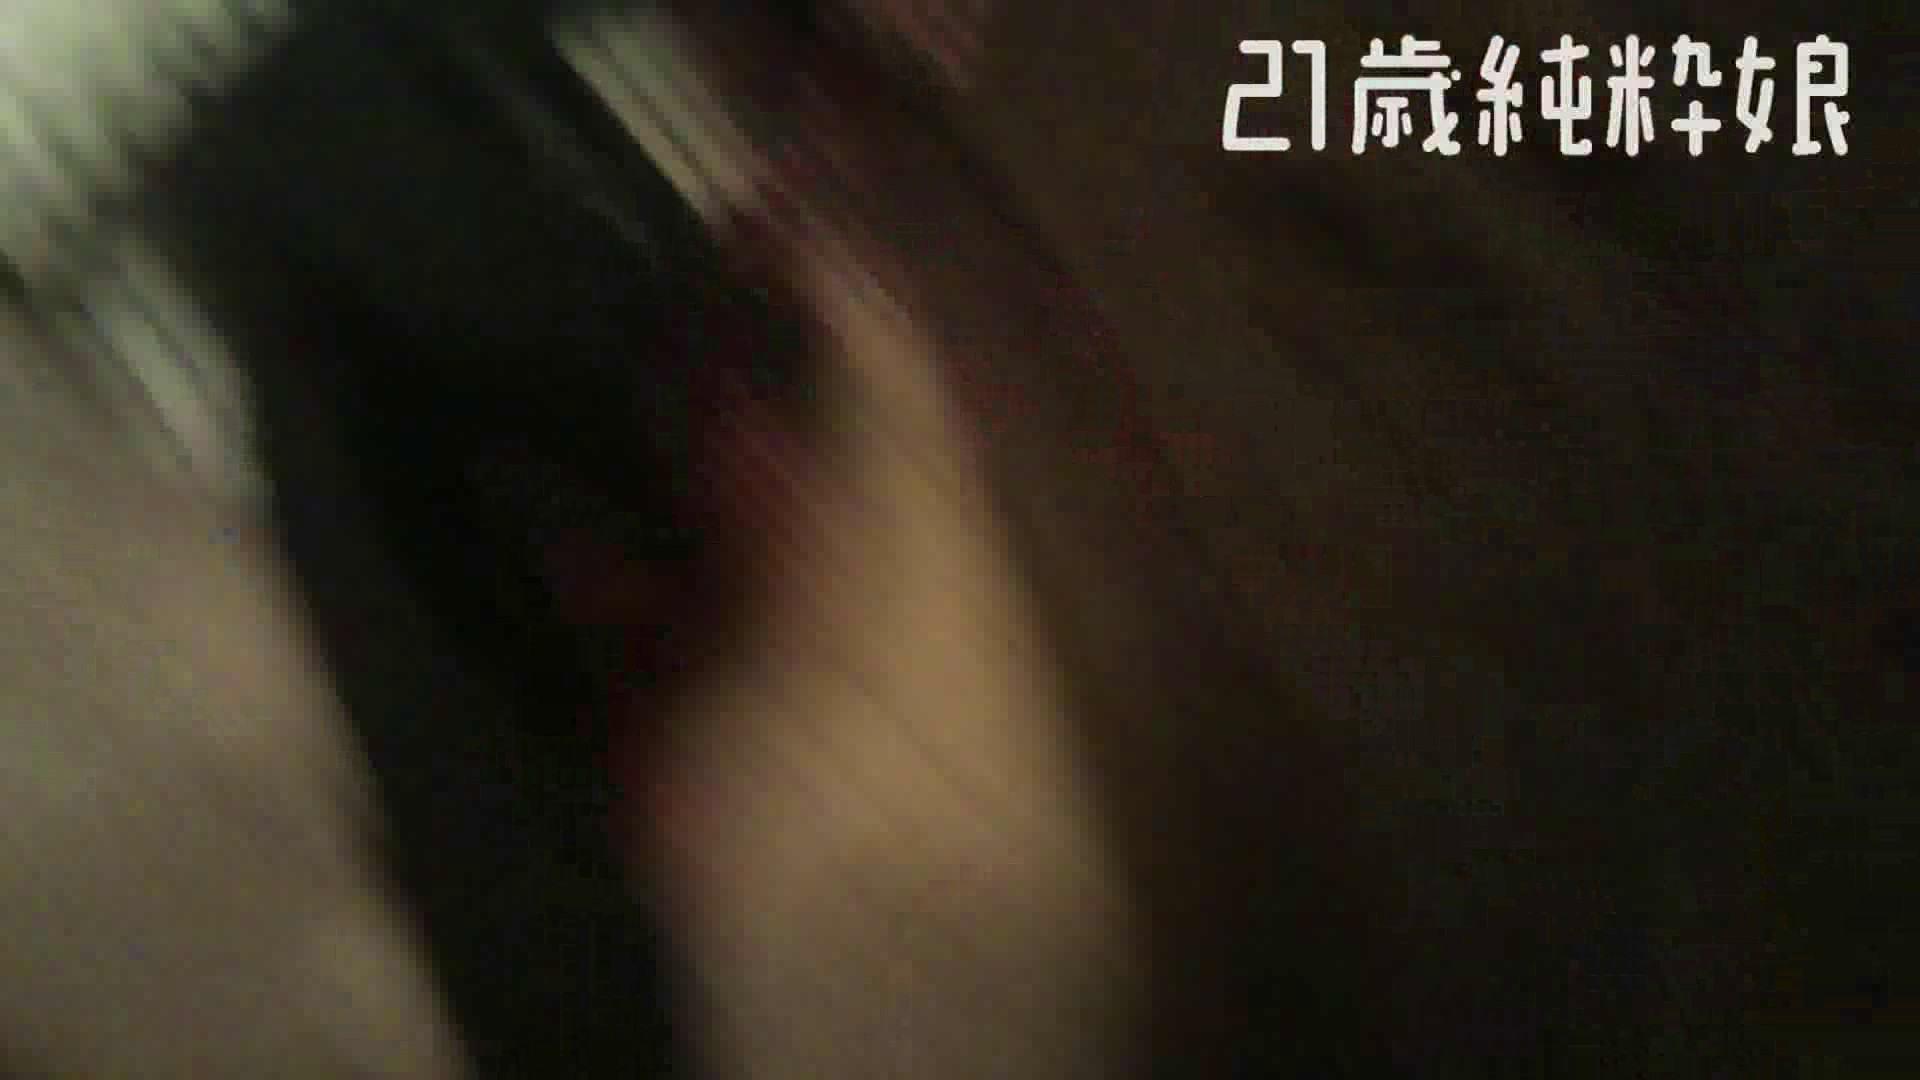 盗撮AV:Gカップ21歳純粋嬢第2弾Vol.5:大奥